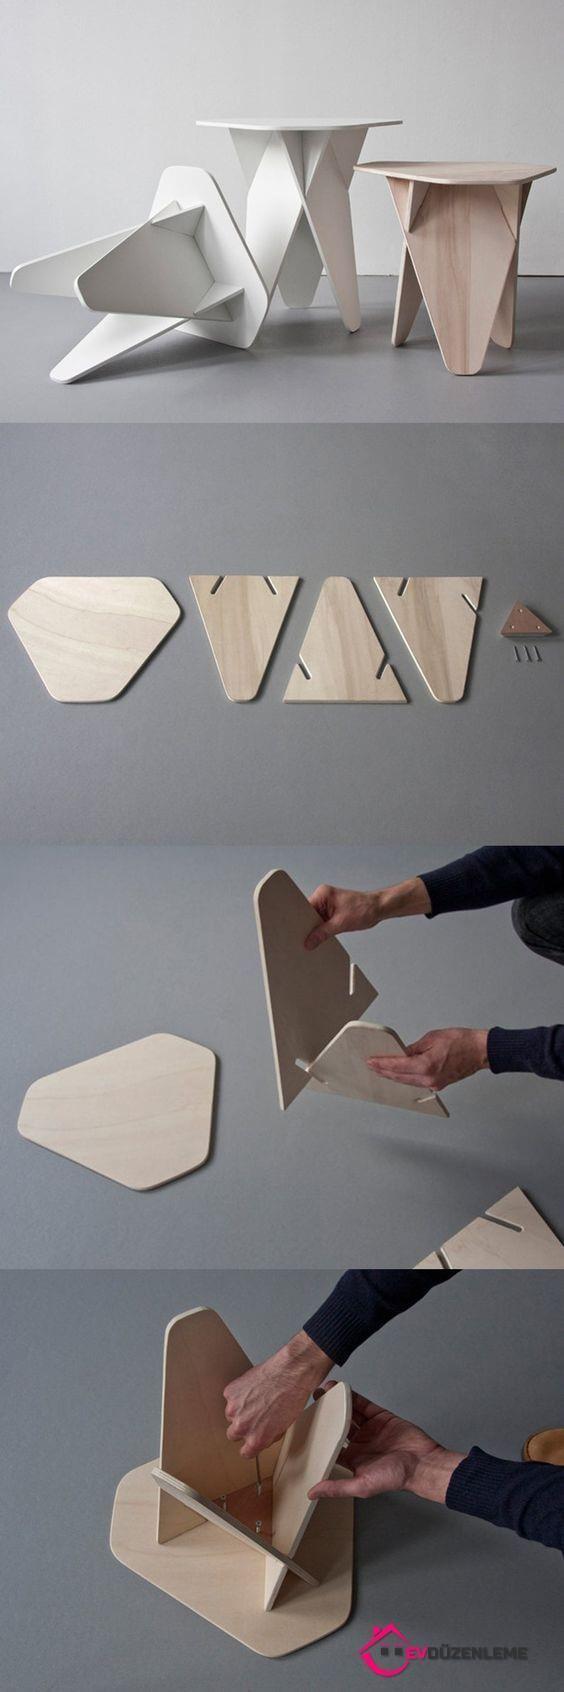 Photo of 25 + › Neugestaltung von Holzpaletten und Möbelideen | Trends